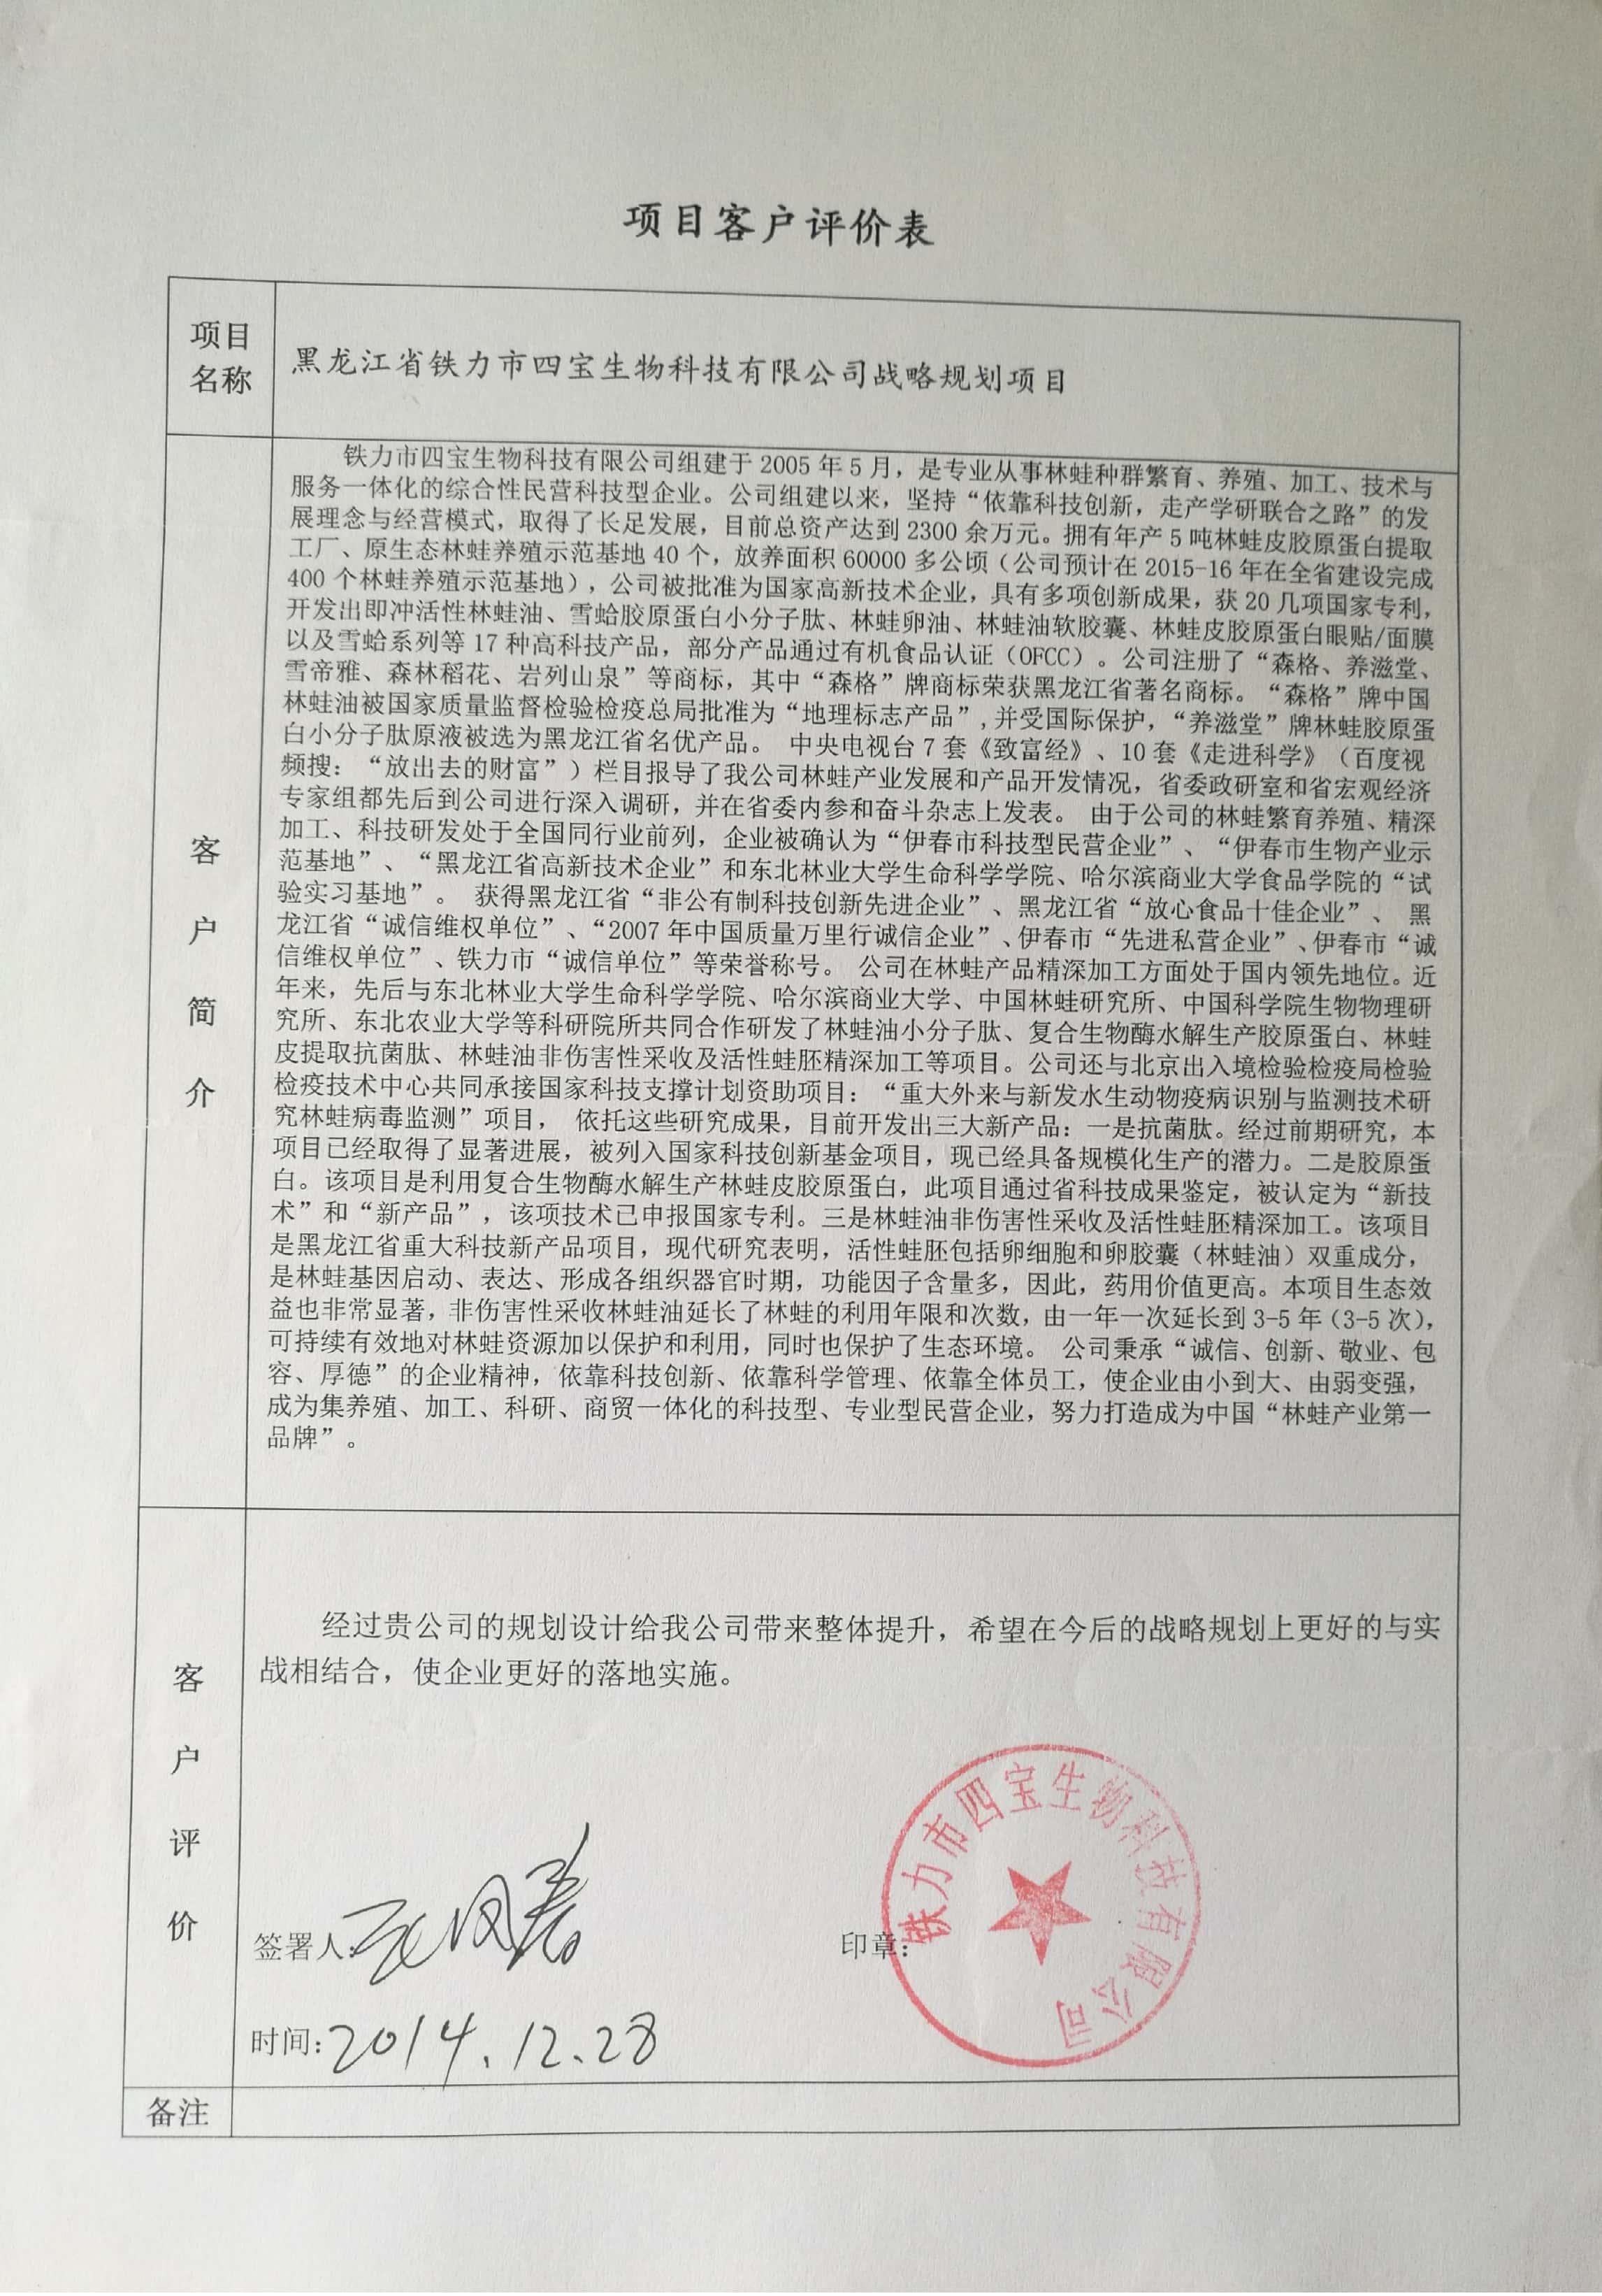 黑龙江省铁力市四宝生物科技有限公司战略规划项目客户评价表